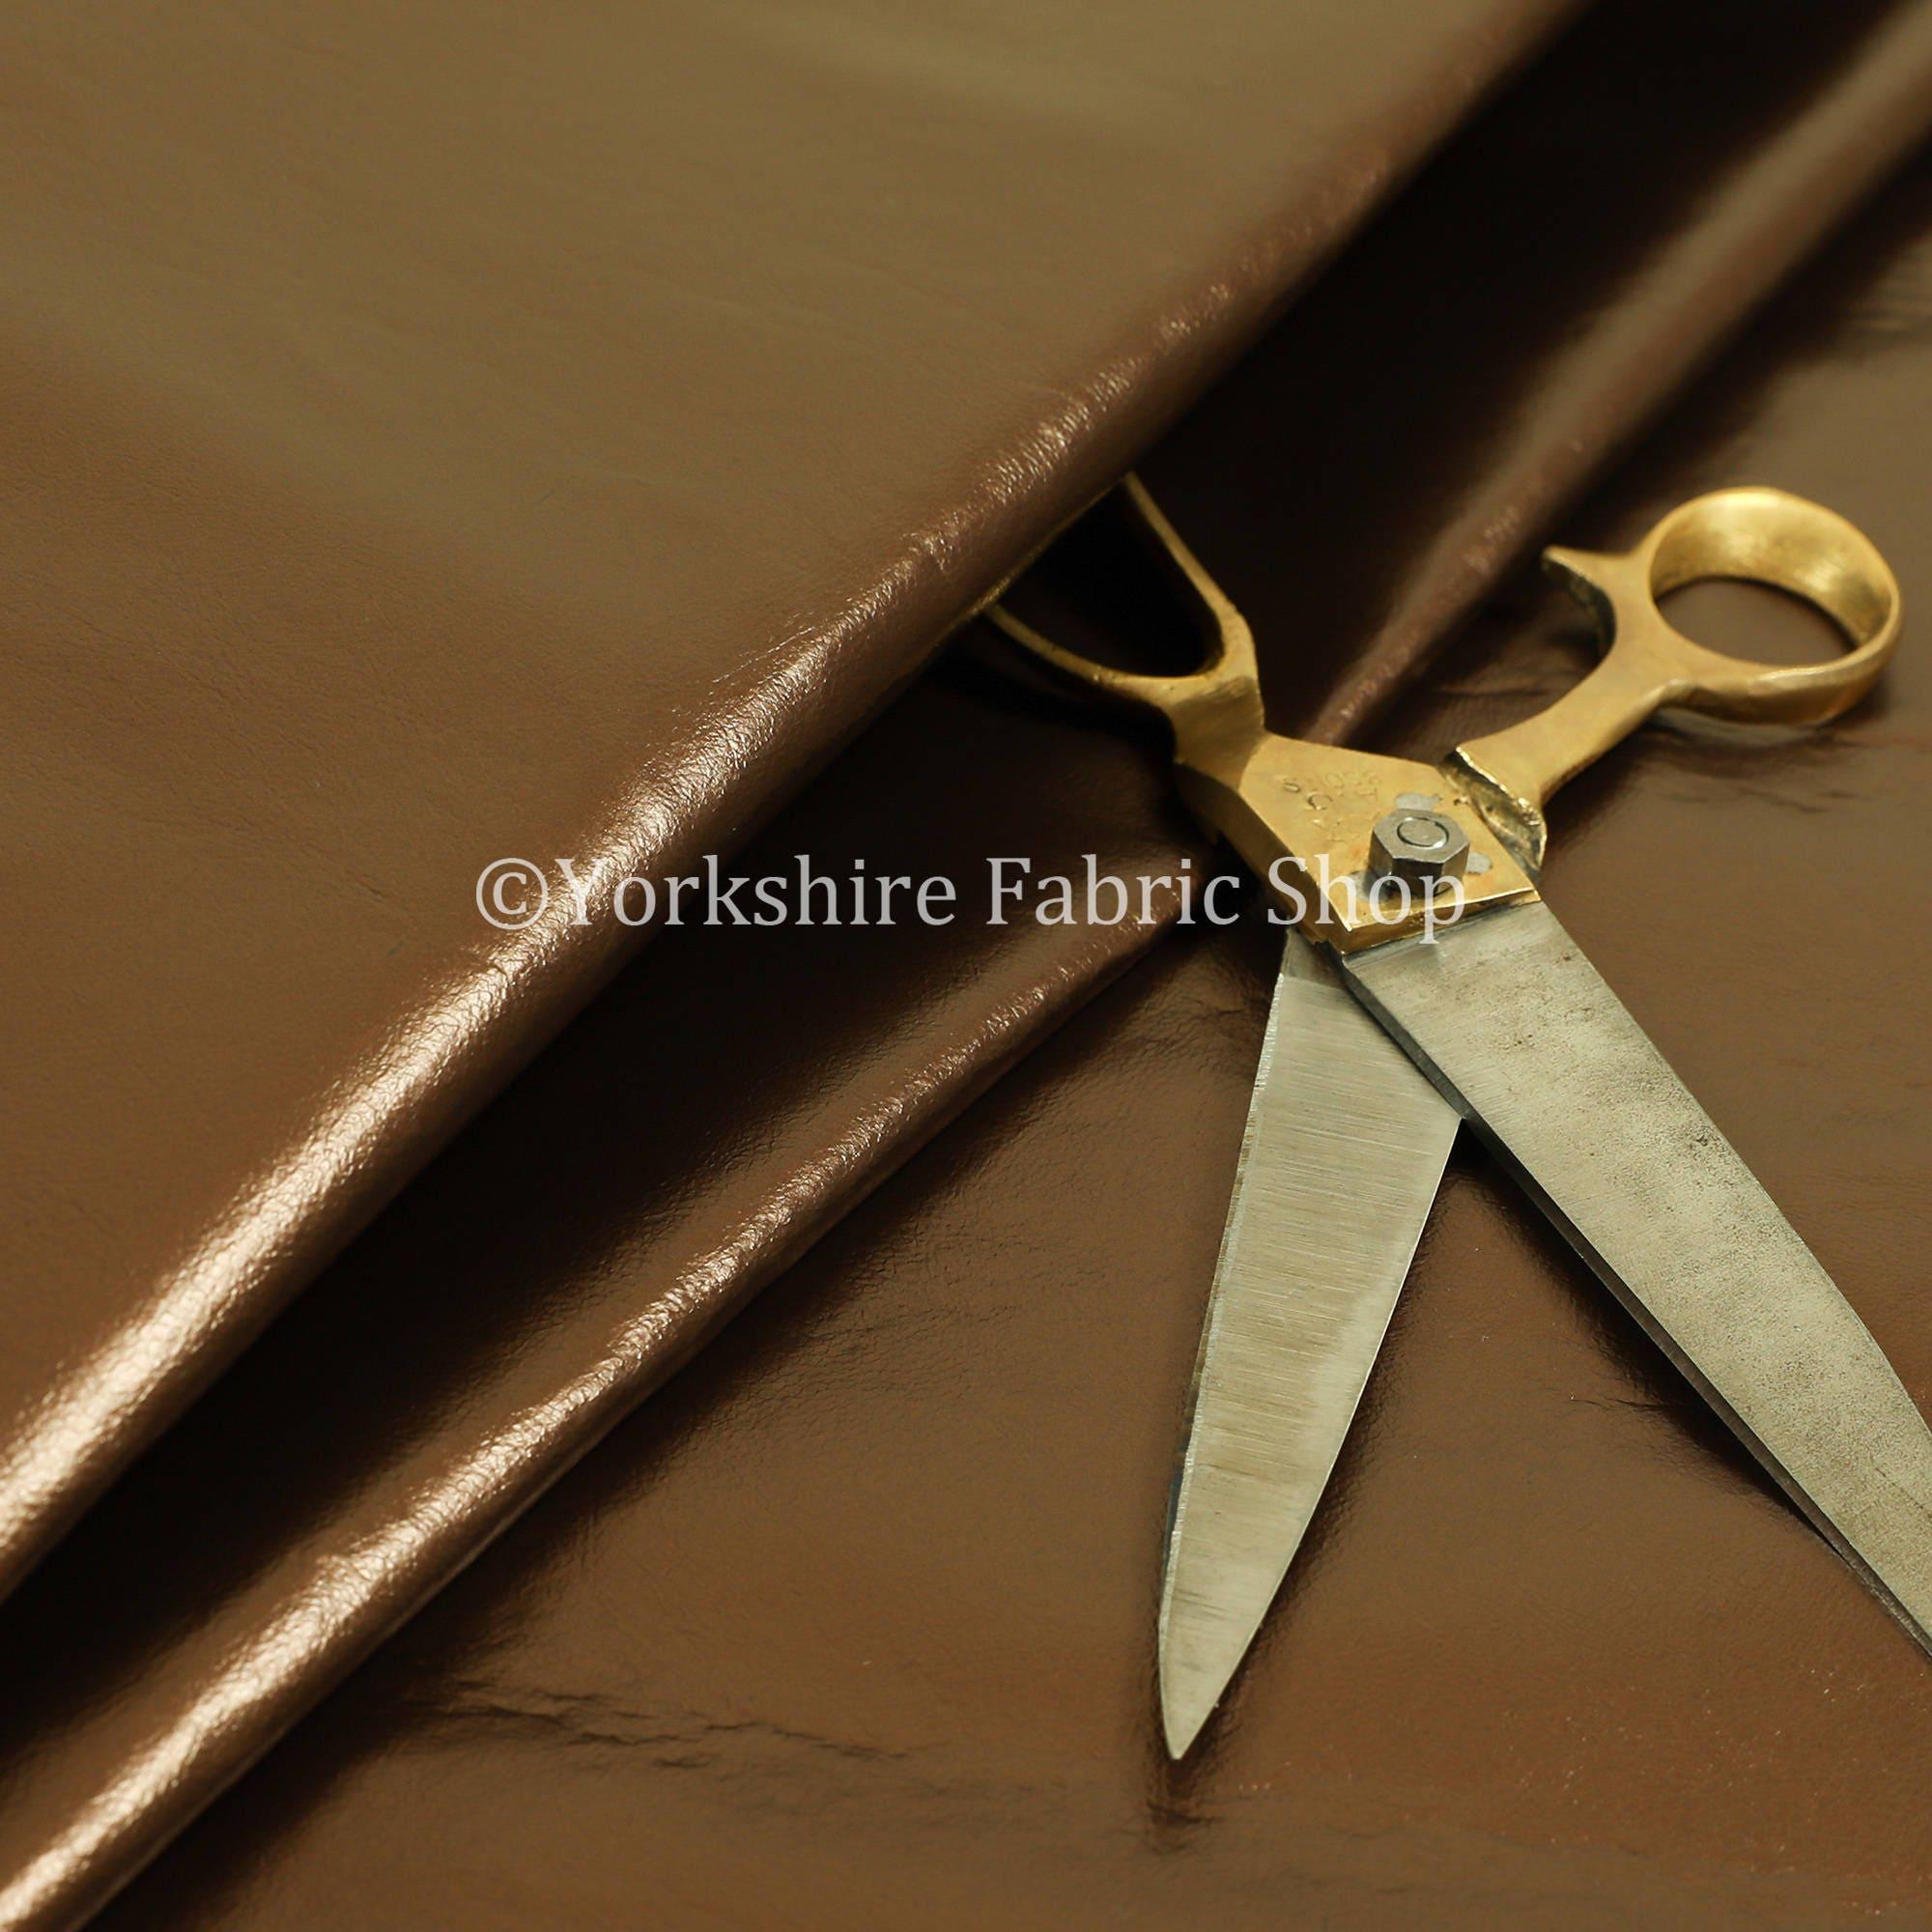 Lustre doux vinyle Bronze simili simili simili cuir sellerie tissu parfait pour ameublement - vendu au mètre 10 7998c4